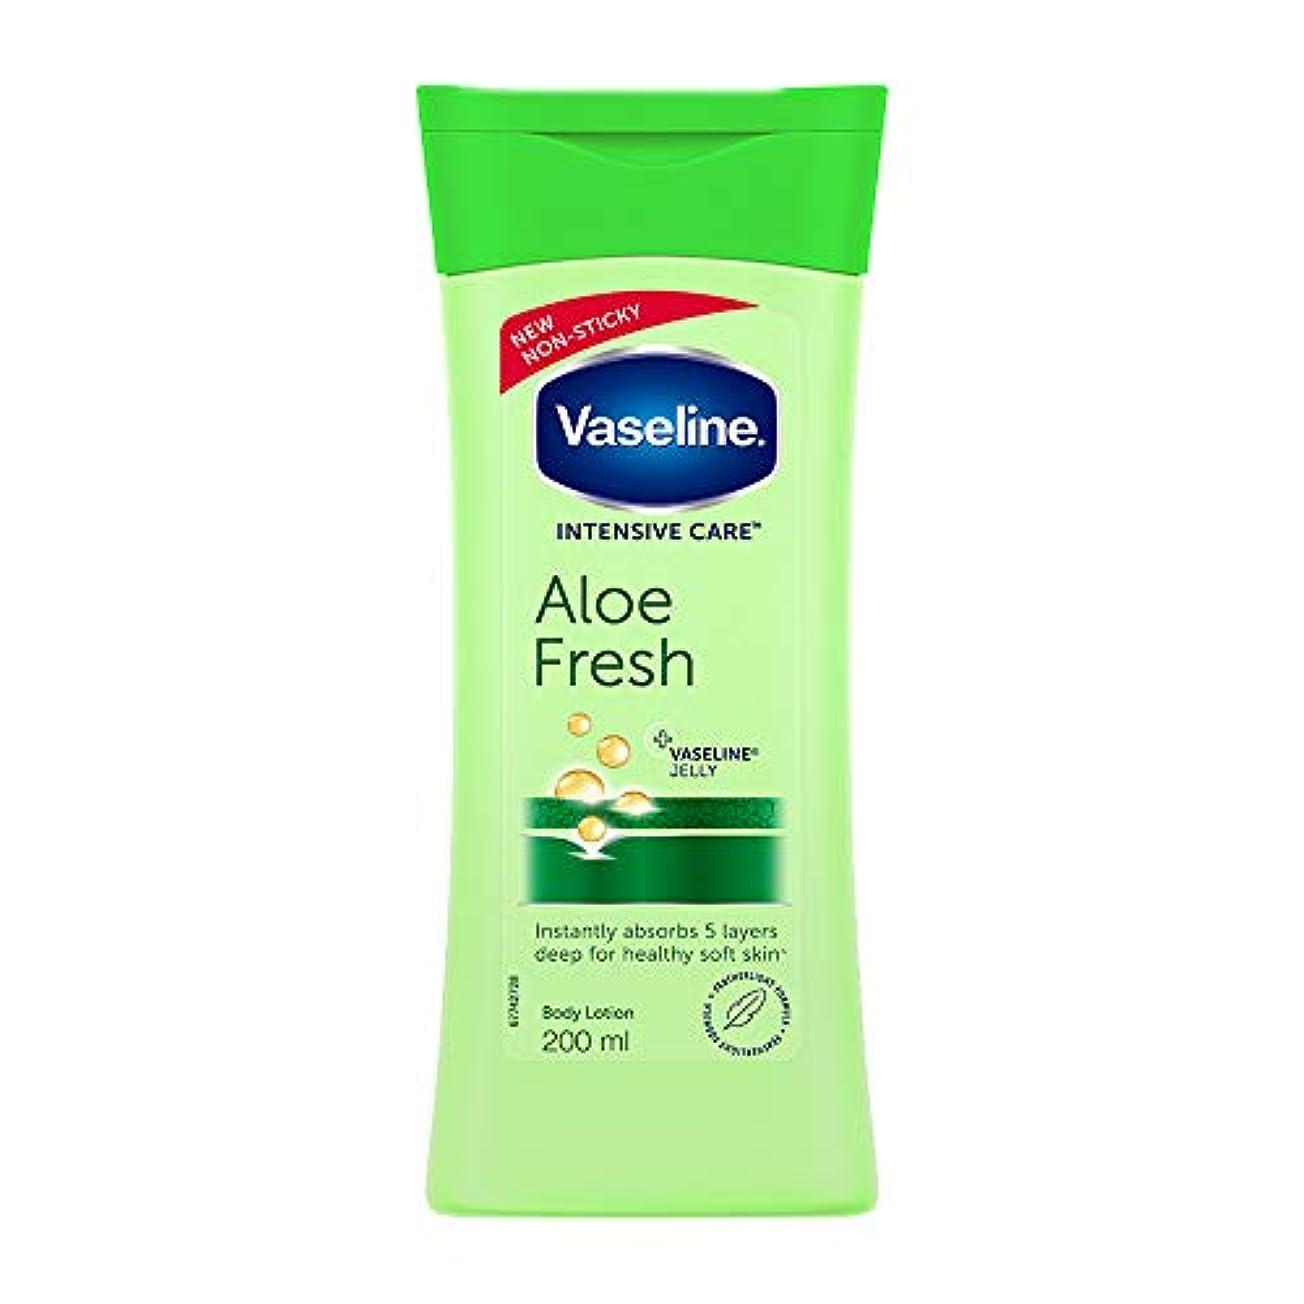 デコードするトランスペアレント留まるVaseline Intensive Care Aloe Fresh Body Lotion, 200 ml